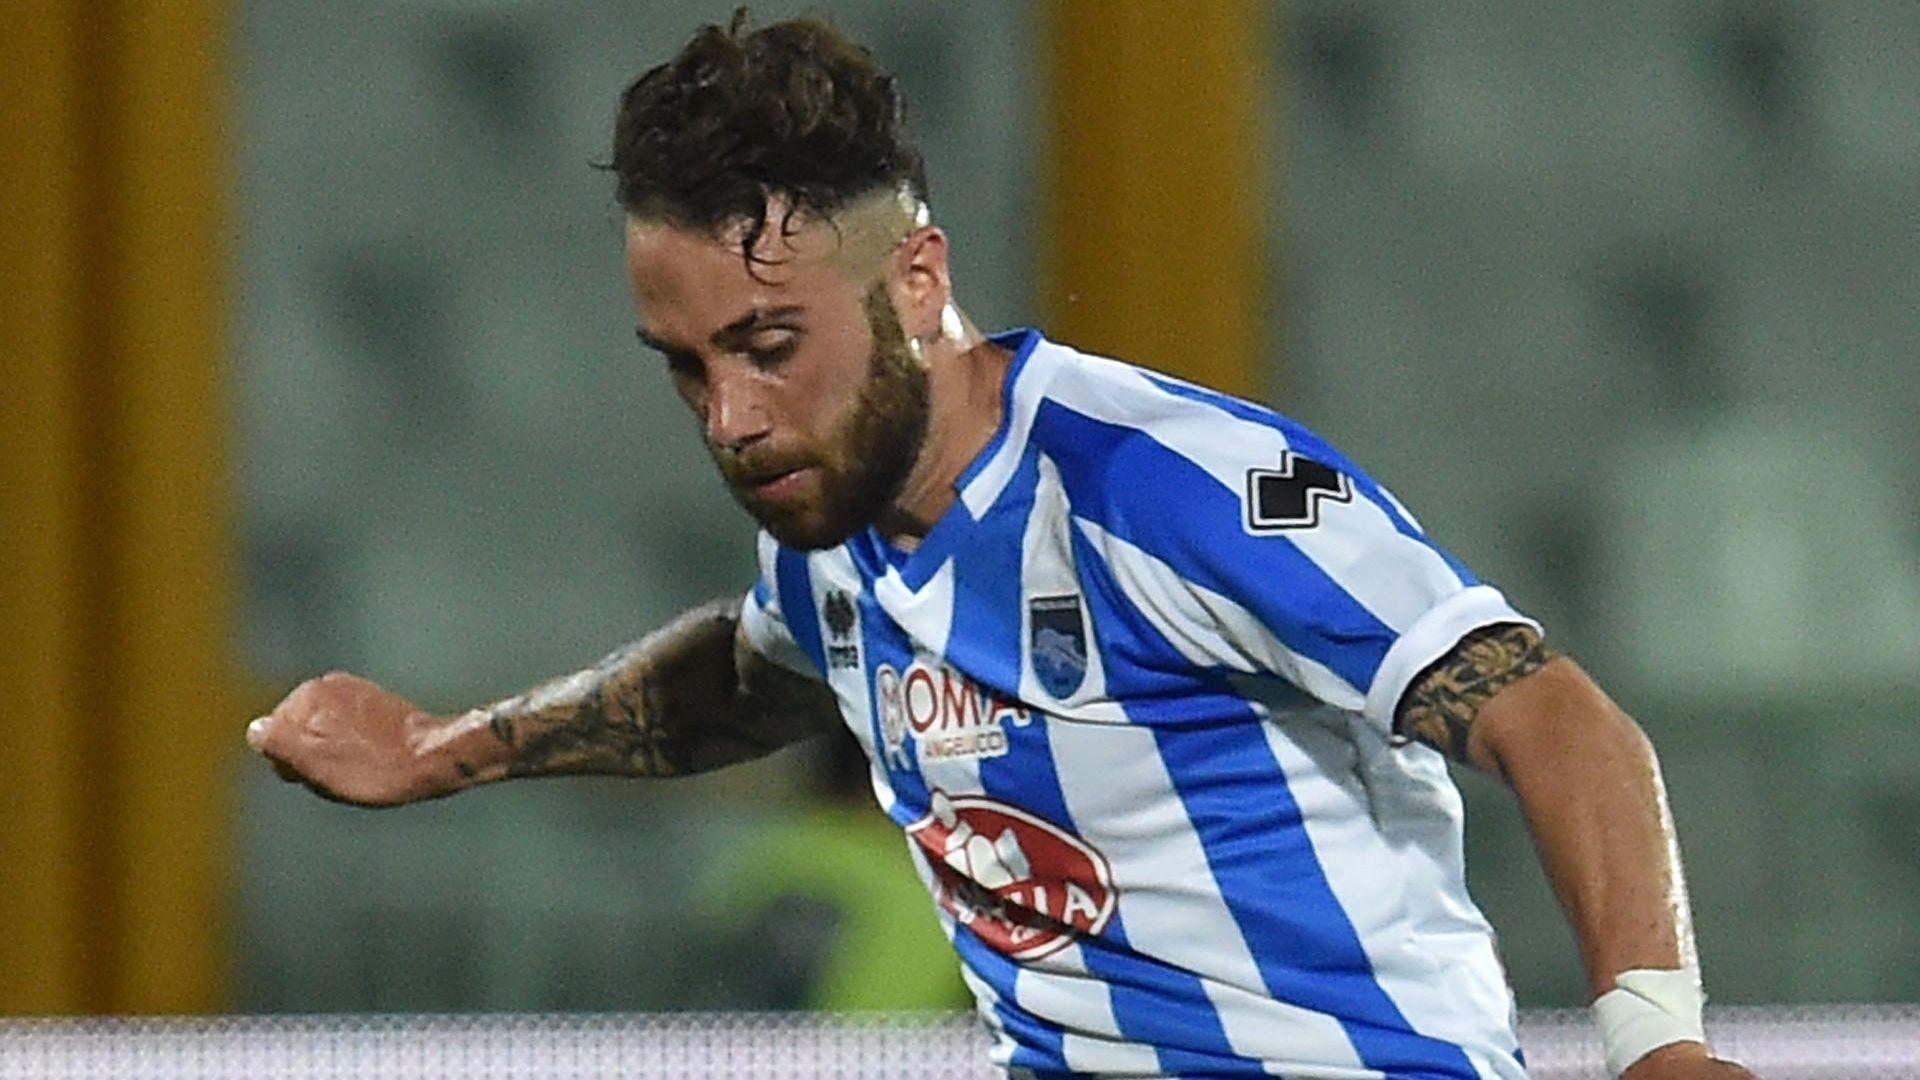 Calciomercato Udinese, Zampano e Coulibaly in arrivo dal Pescara